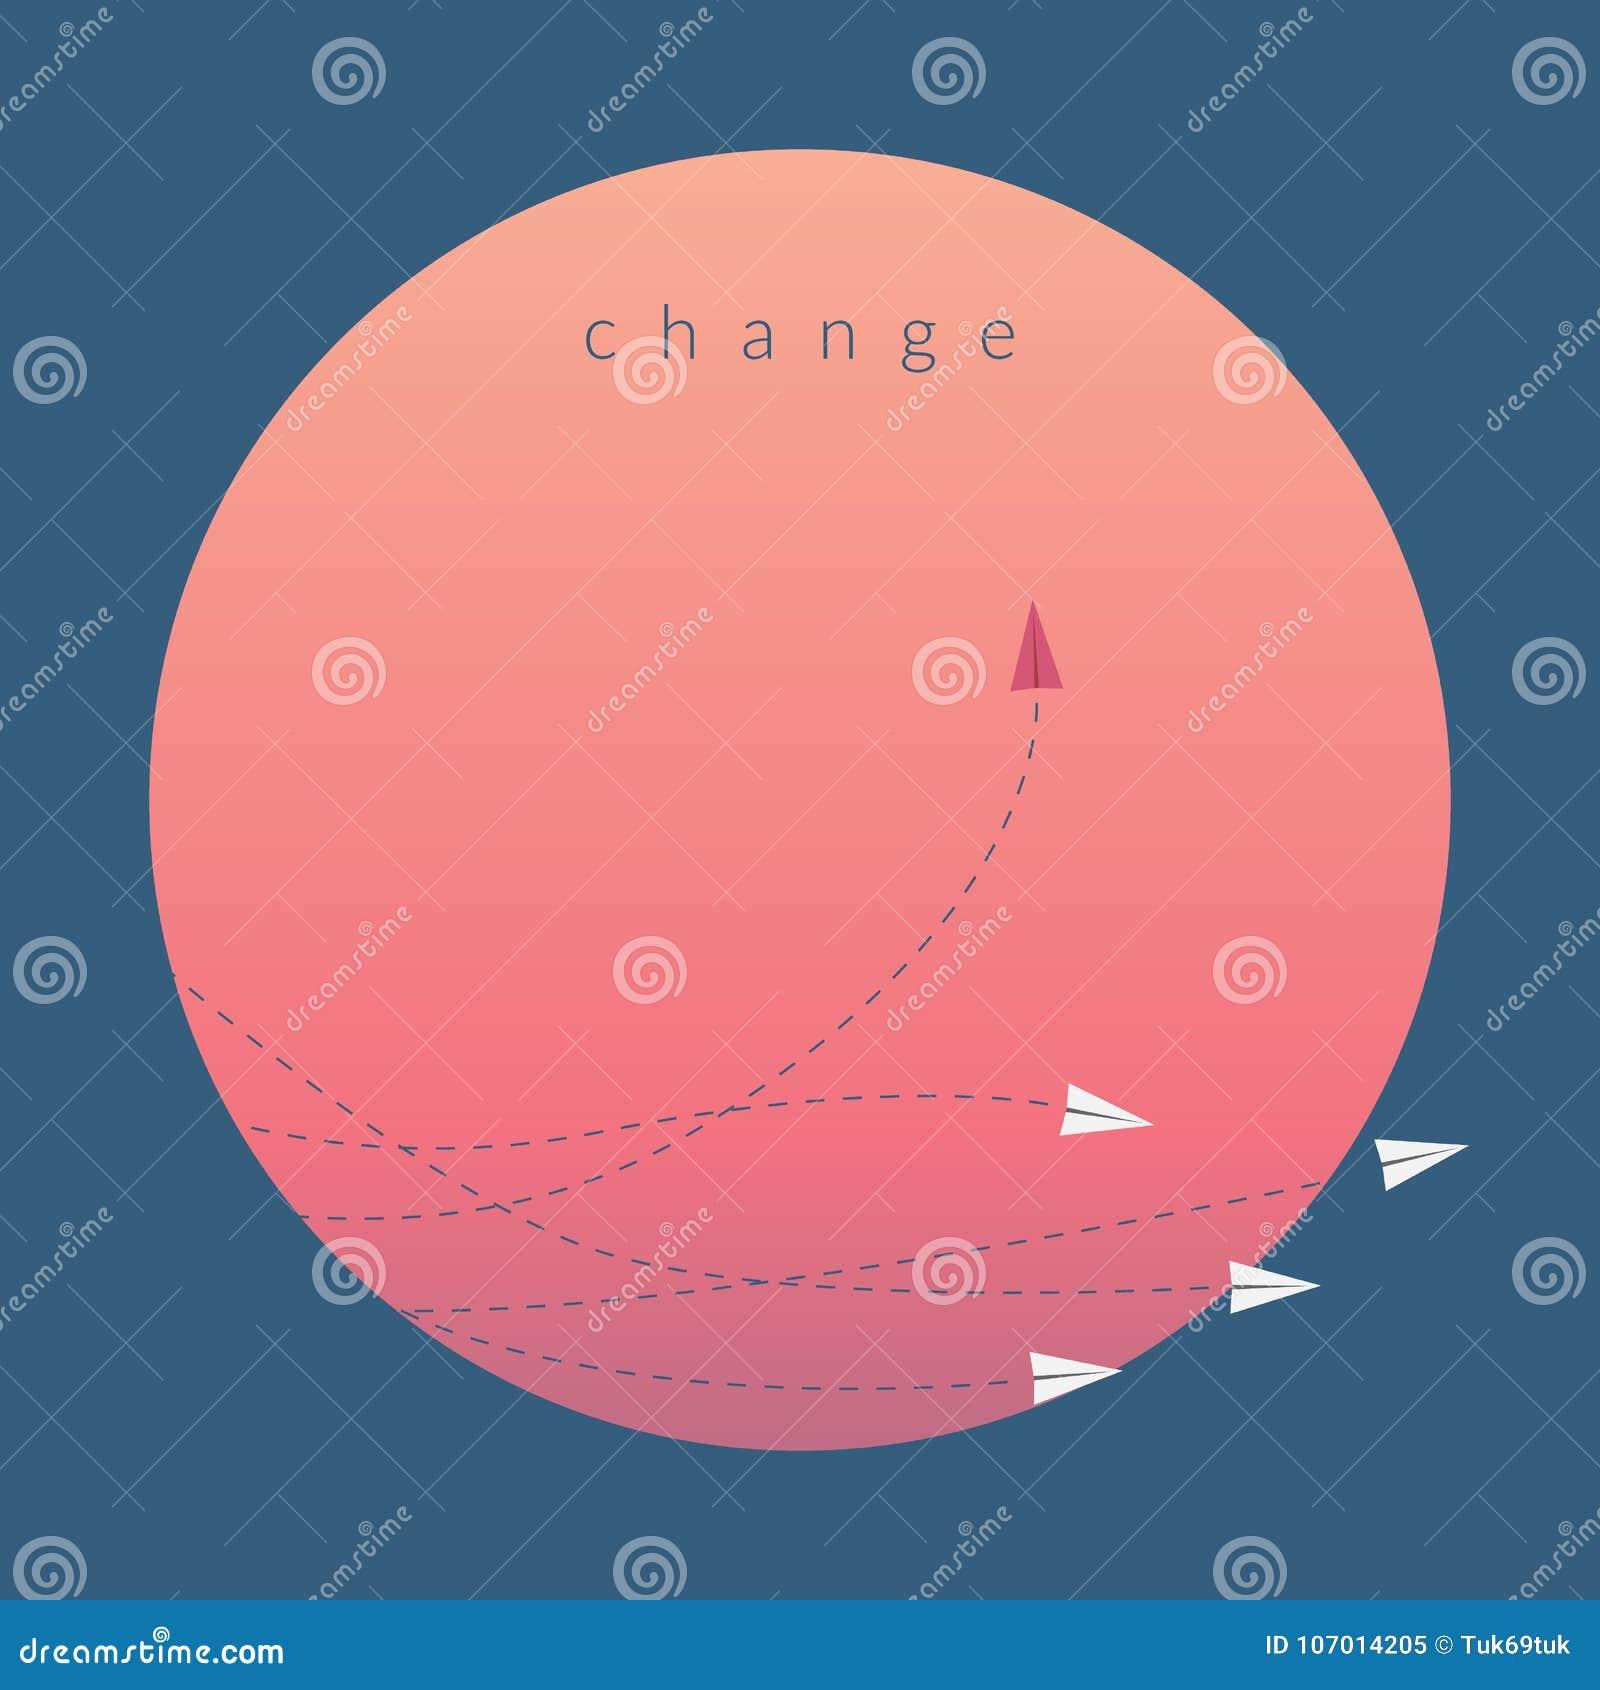 Rode vliegtuig veranderende richting en witte degenen Nieuw idee, verandering, tendens, moed, creatieve oplossing, zaken, herberg